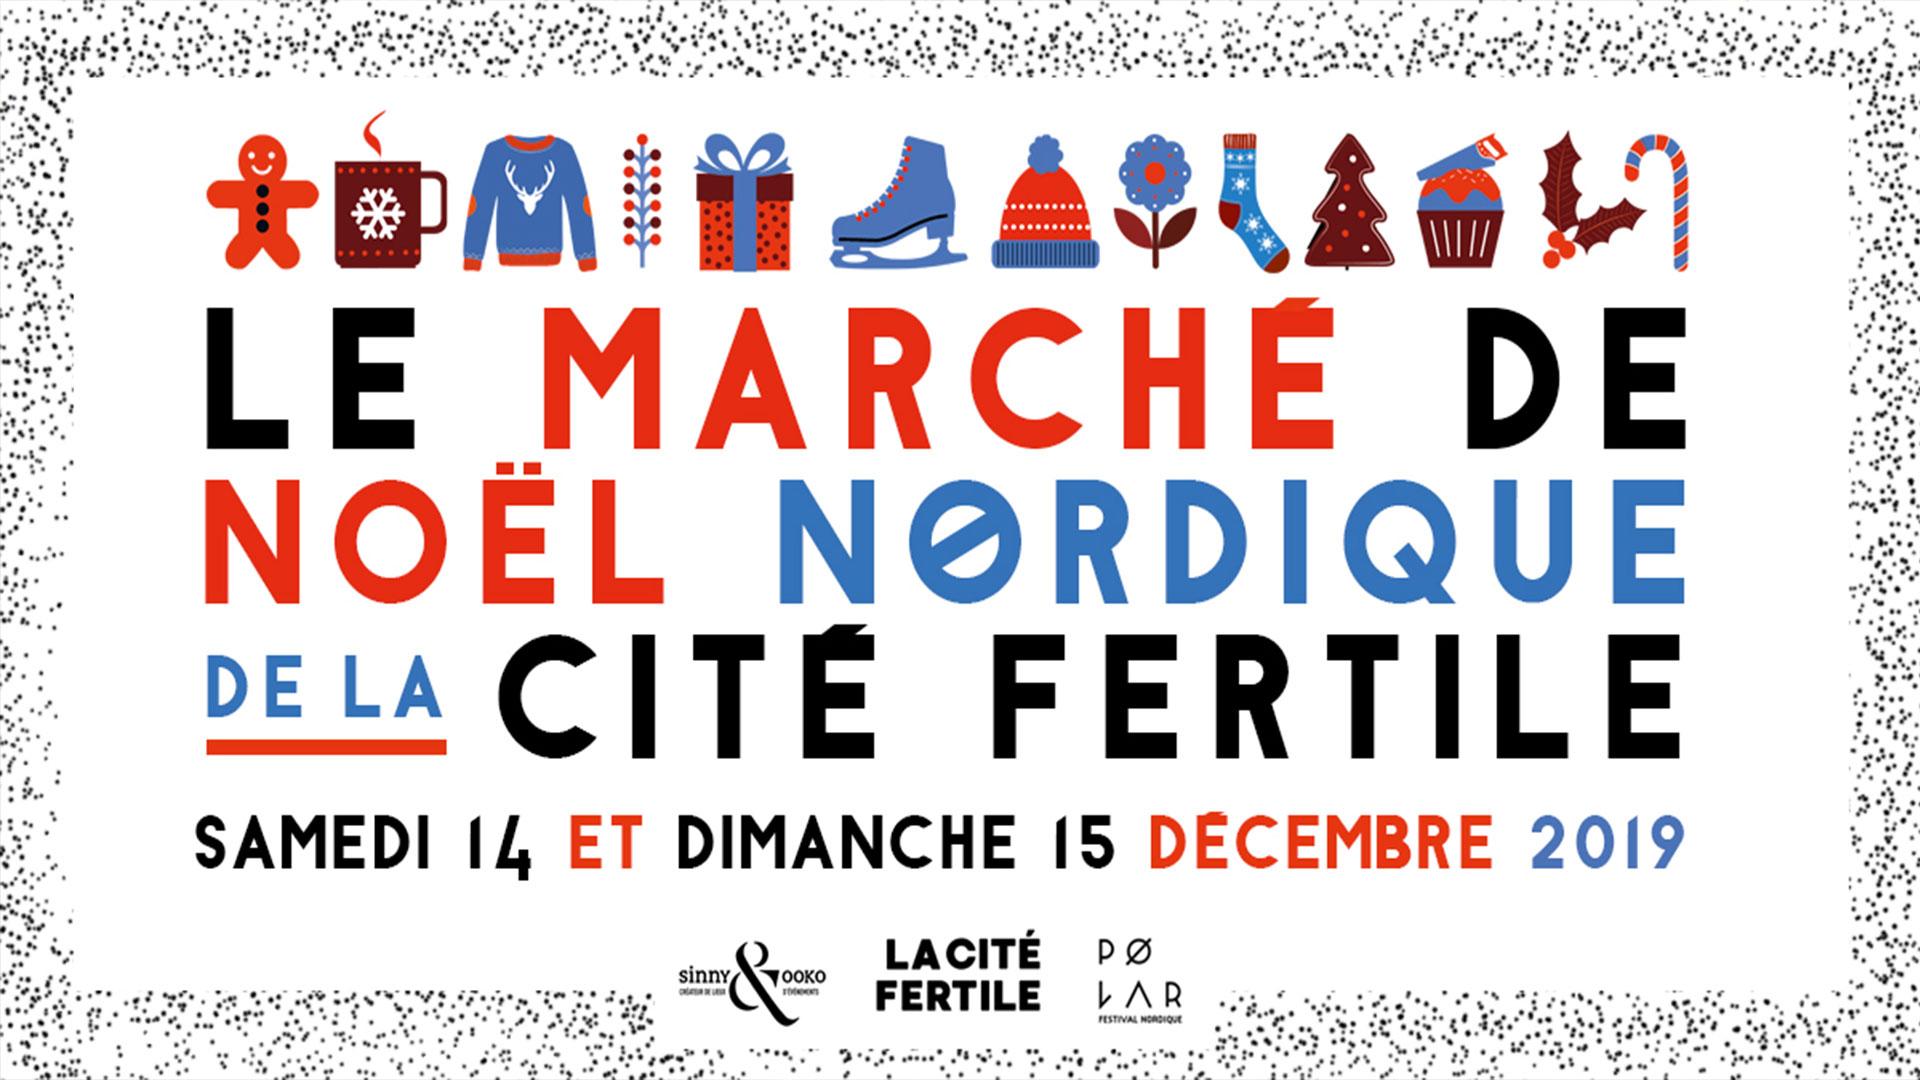 Le marché de Noël nordique de la Cité Fertile